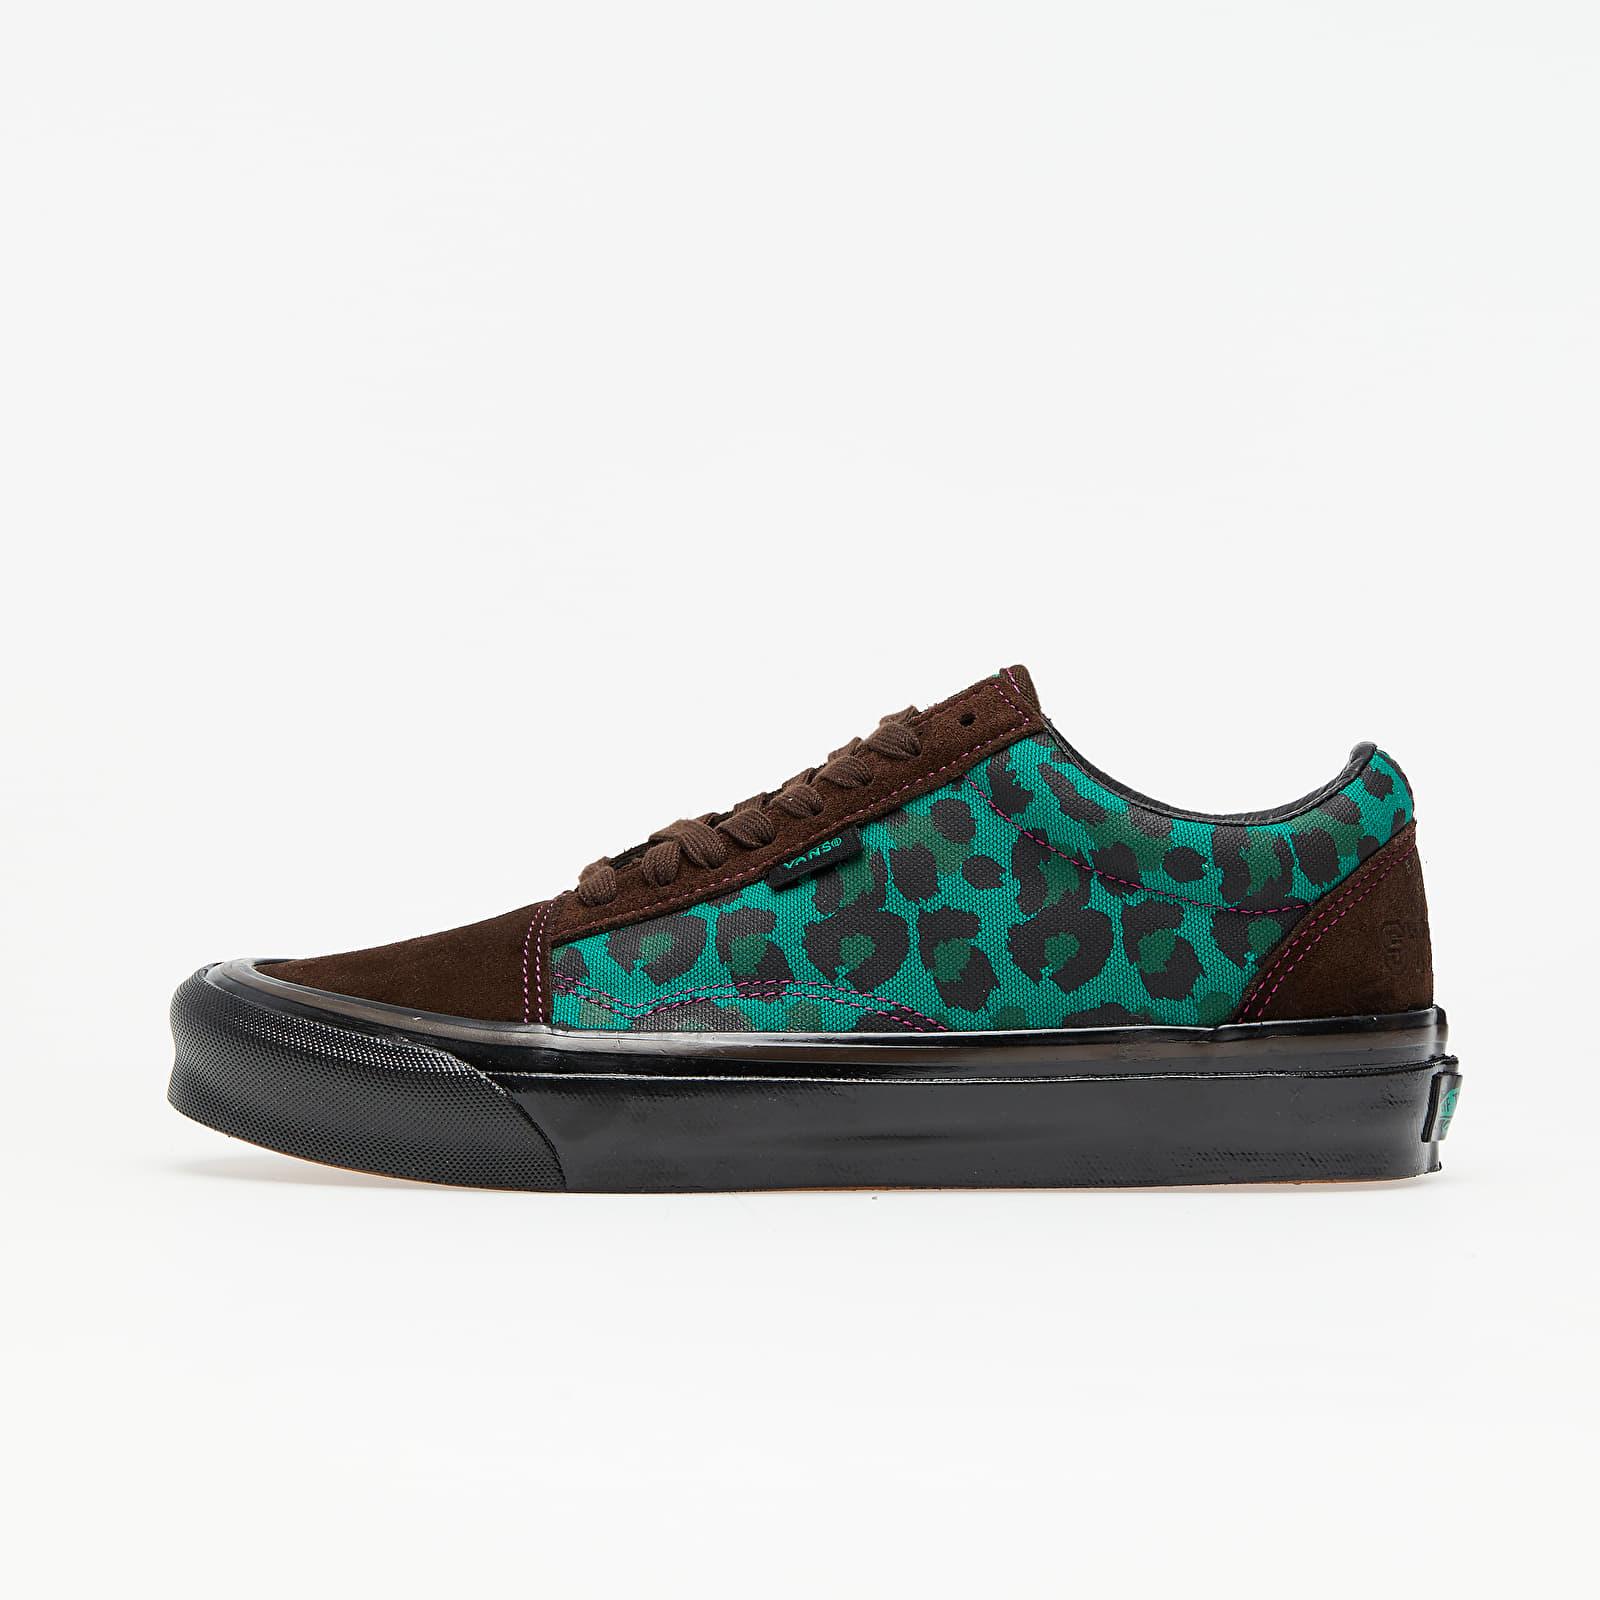 Vans Old Skool NS OG LX (Stray Rats) Brown/ Green VN0A4UUTK031